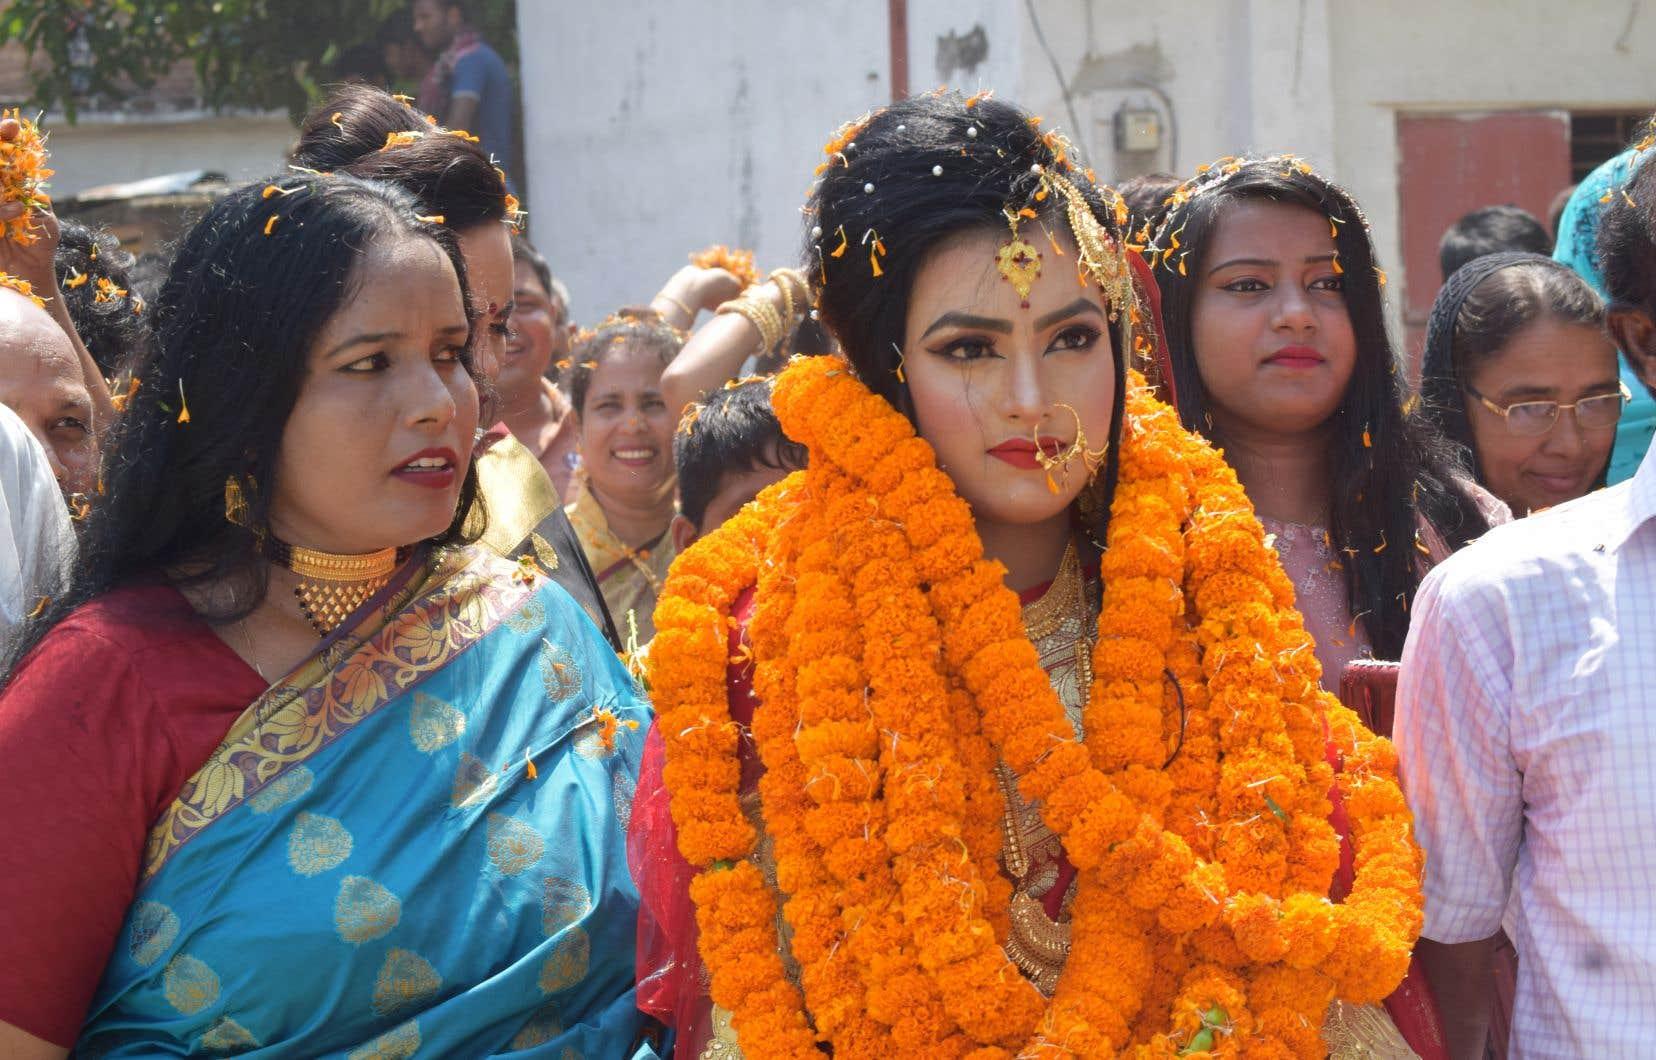 Les images du mariage sont devenues virales sur Internet, suscitant des débats animés sur les réseaux sociaux.